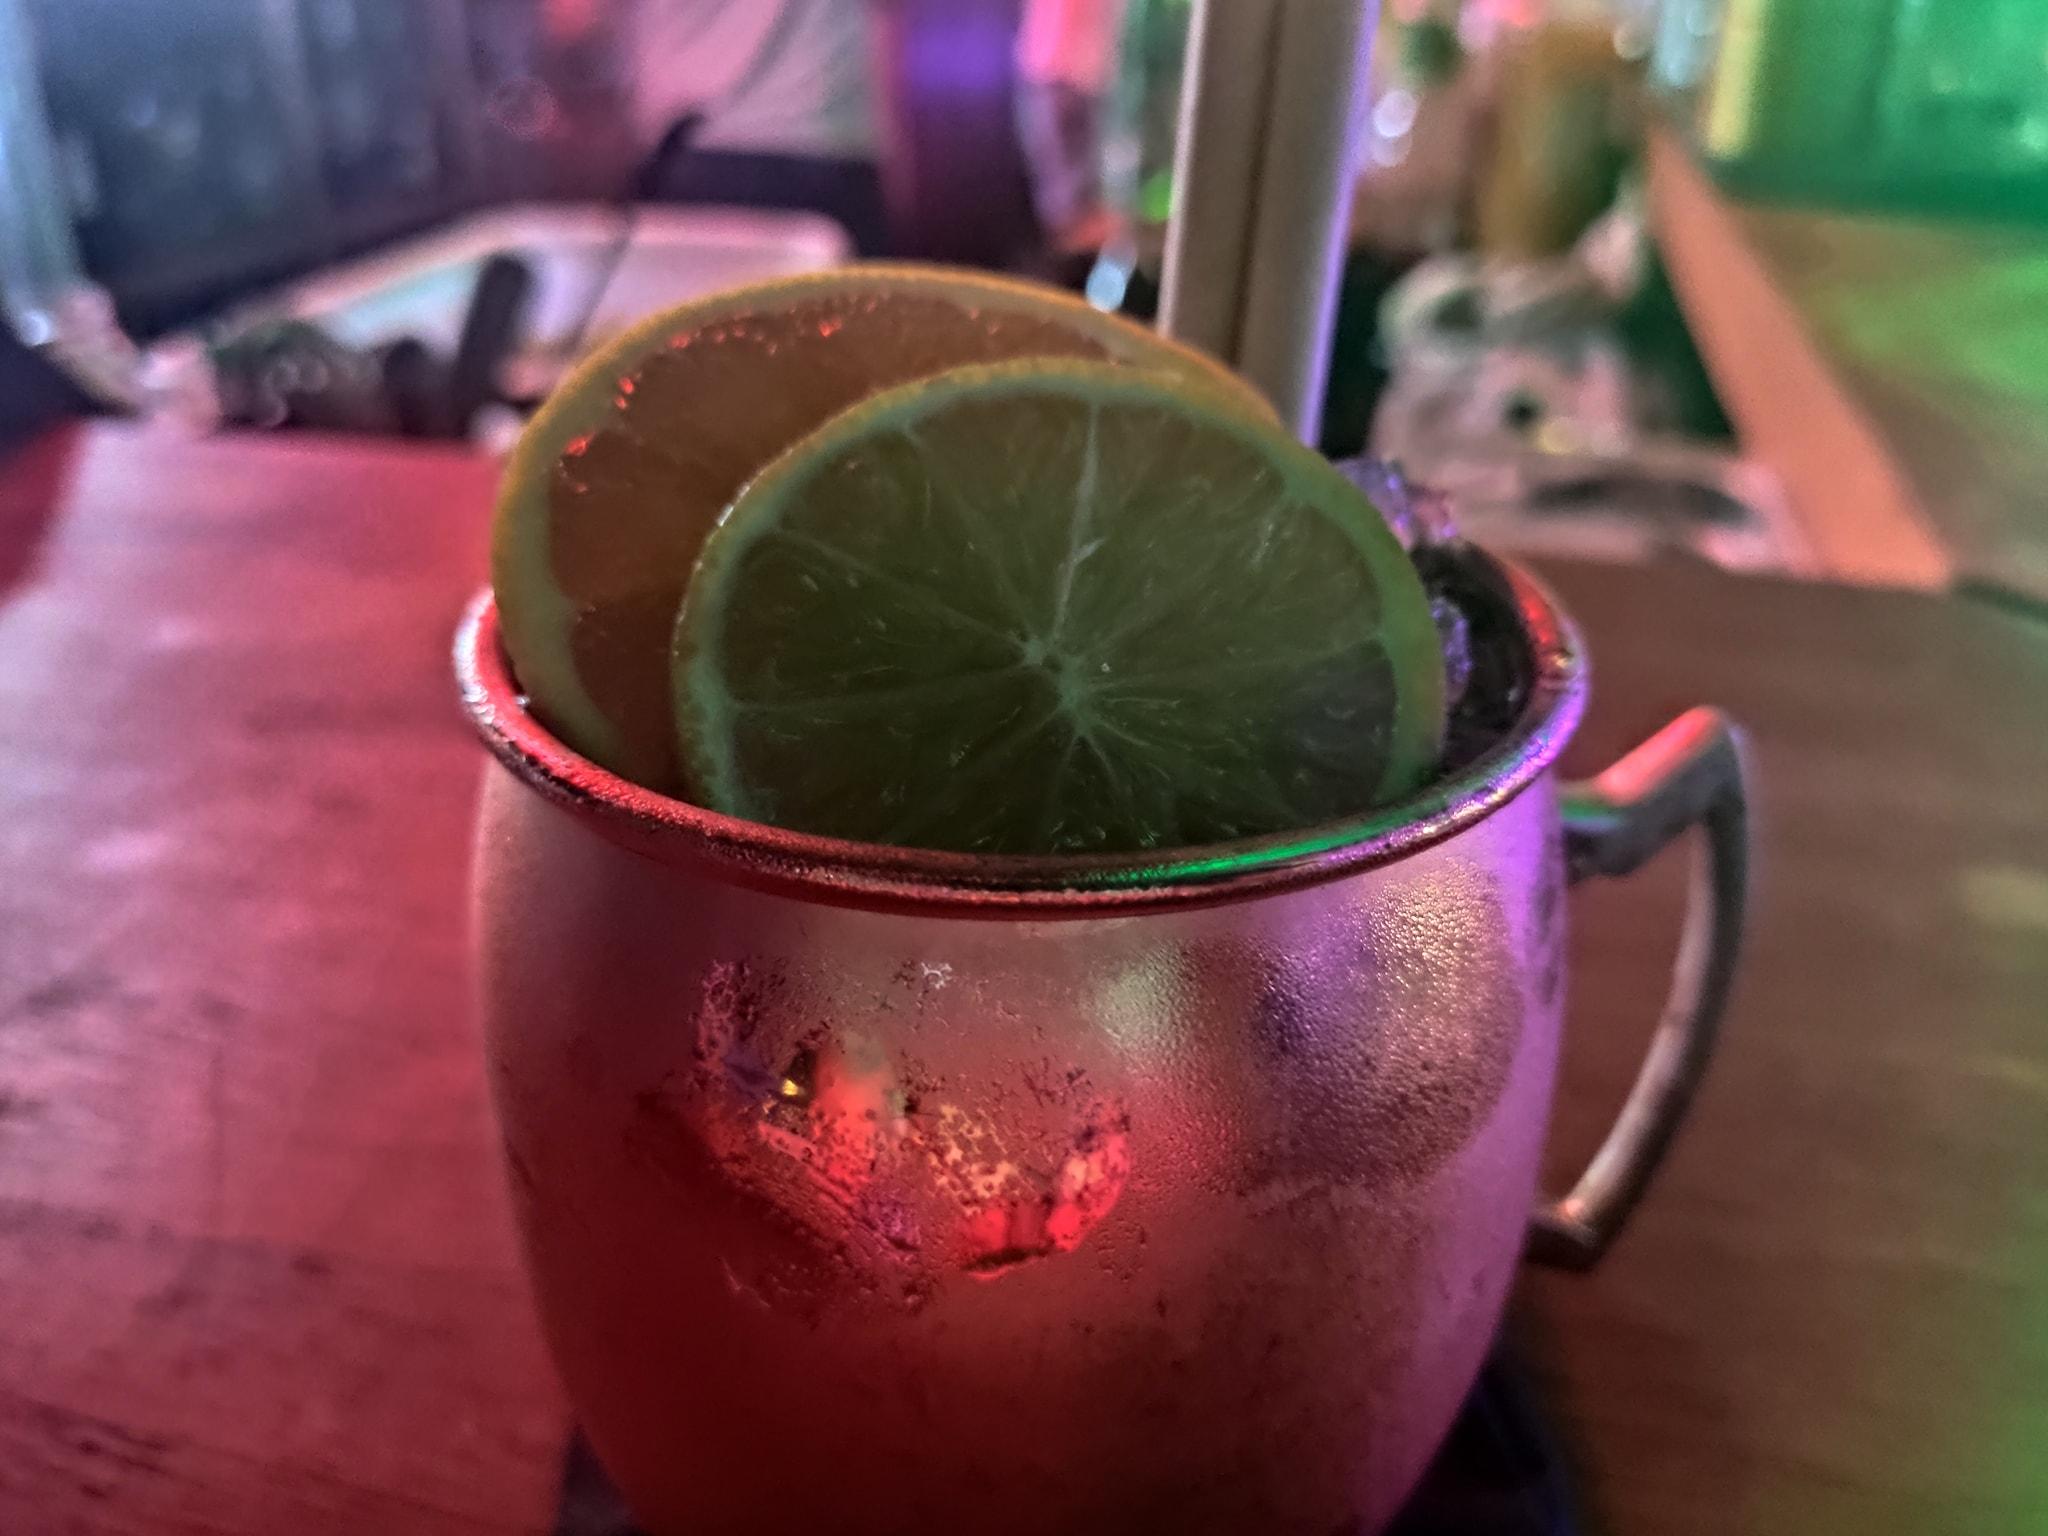 Jamaïcan Mule - The 7Th Heaven - Bar de nuit cocktails rooftop - Fréjus